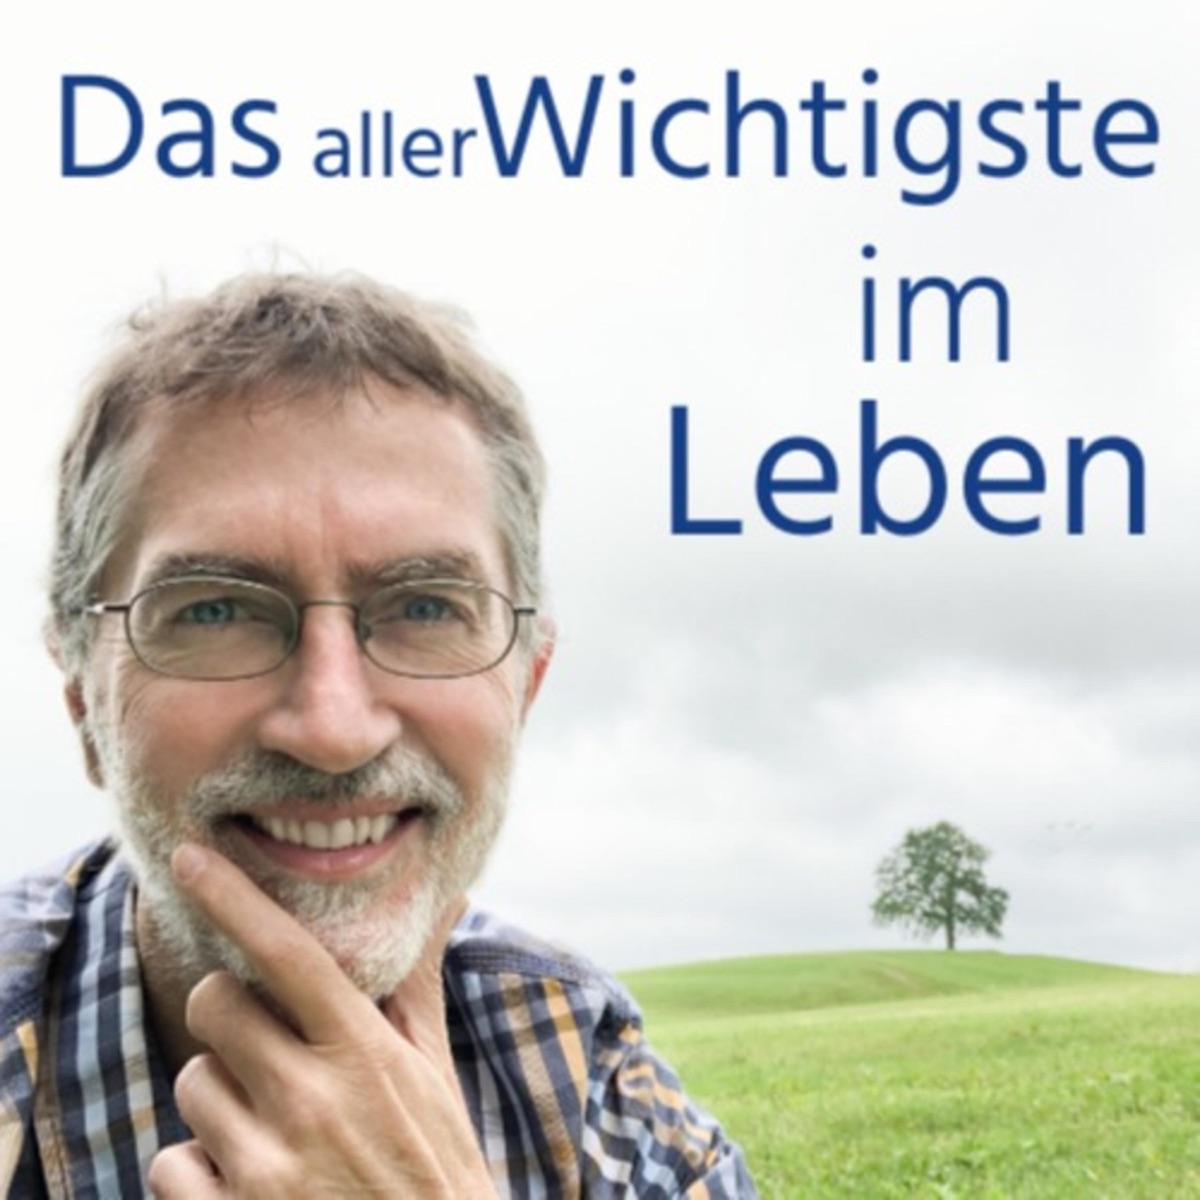 Meyer spiritueller lehrer christian Christian Meyer